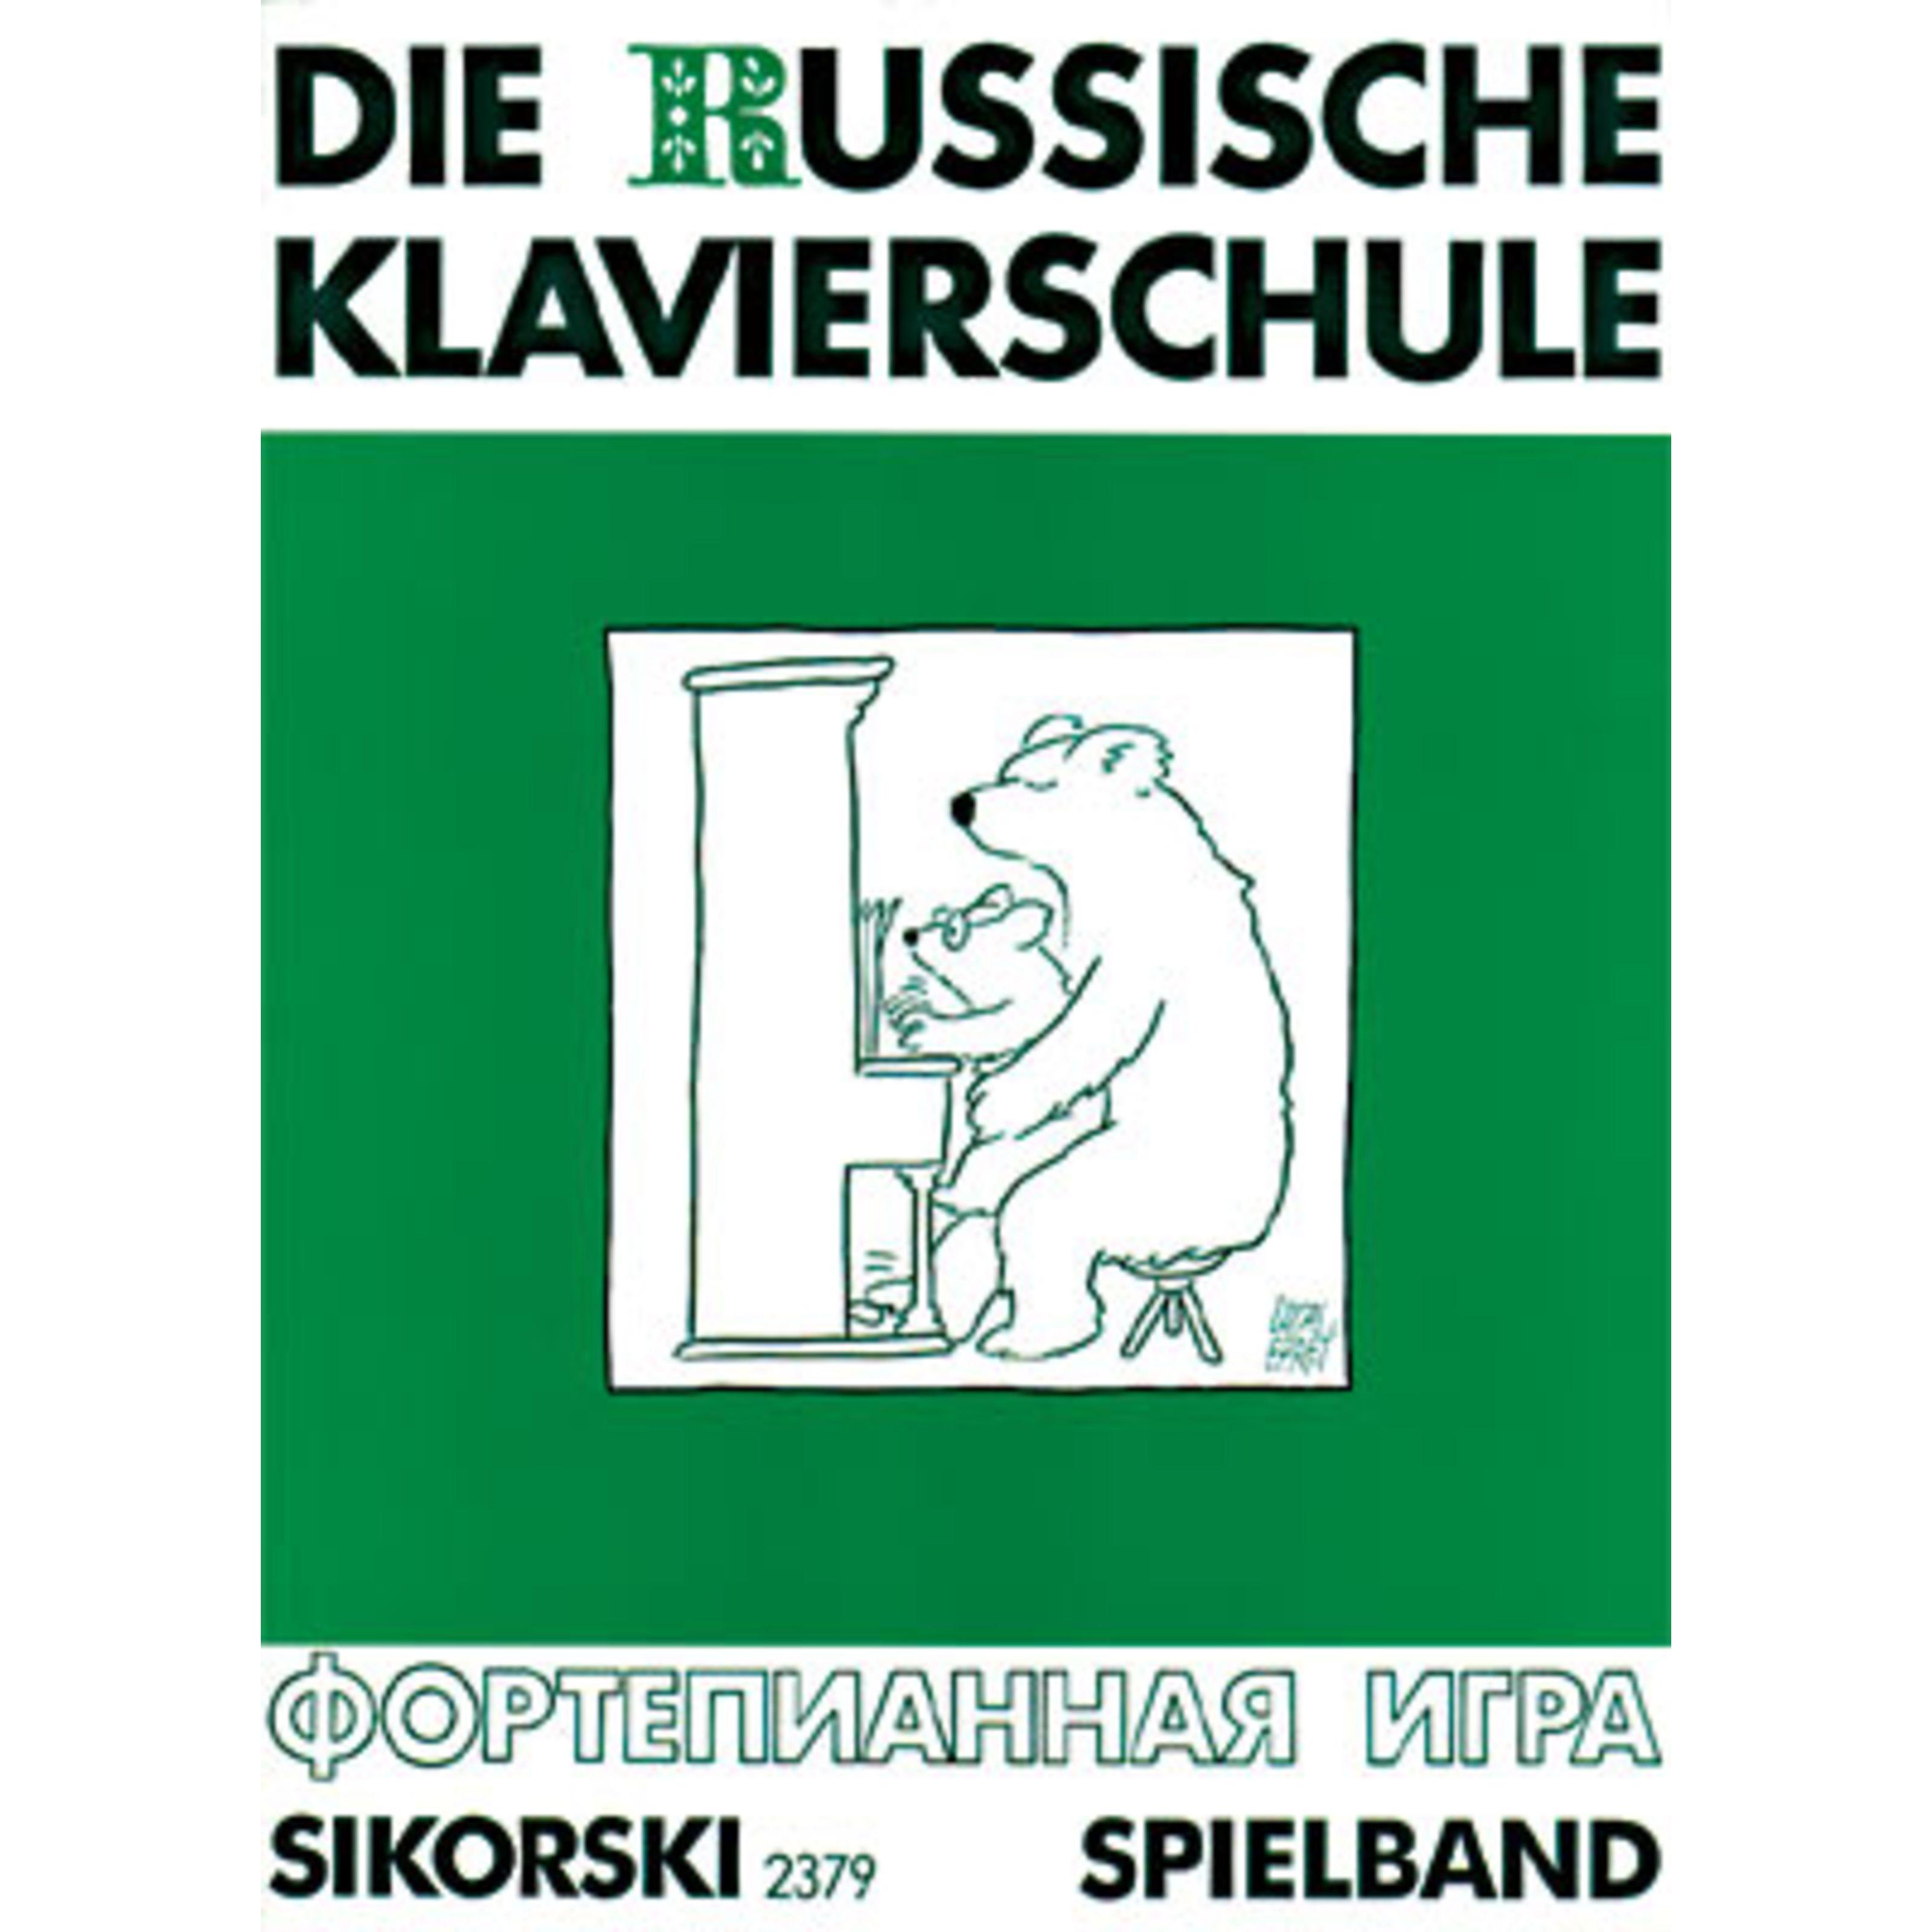 Hans Sikorski - Die Russische Klavierschule 3 Spielband SIK 2379